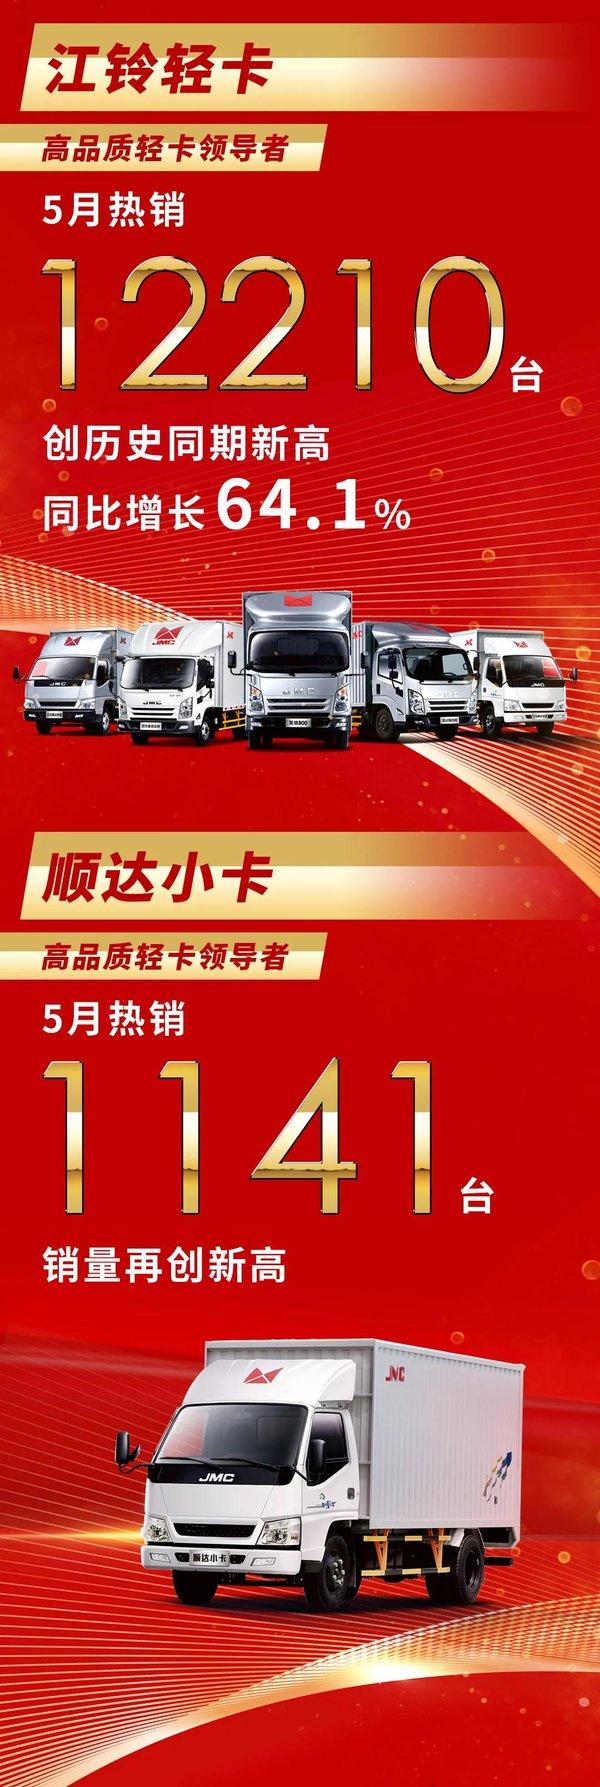 江铃汽车销量快报五月份销量再创历史新高同比增长22%